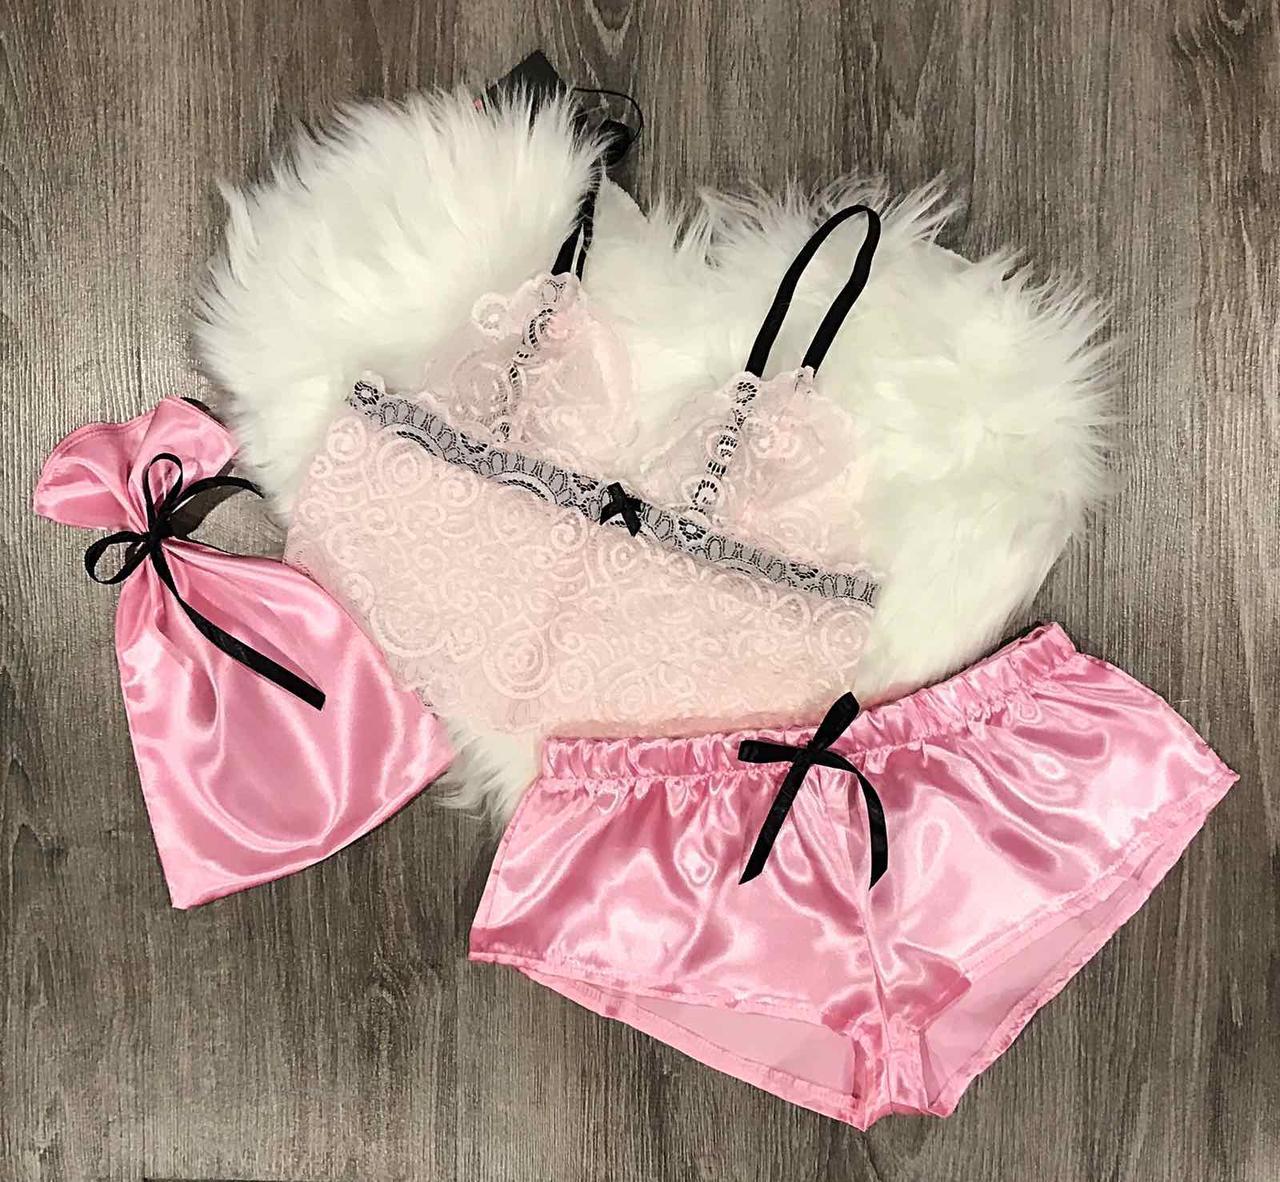 Комплект нижнего белья розовый кружевной пакеты для вакуумные упаковщики